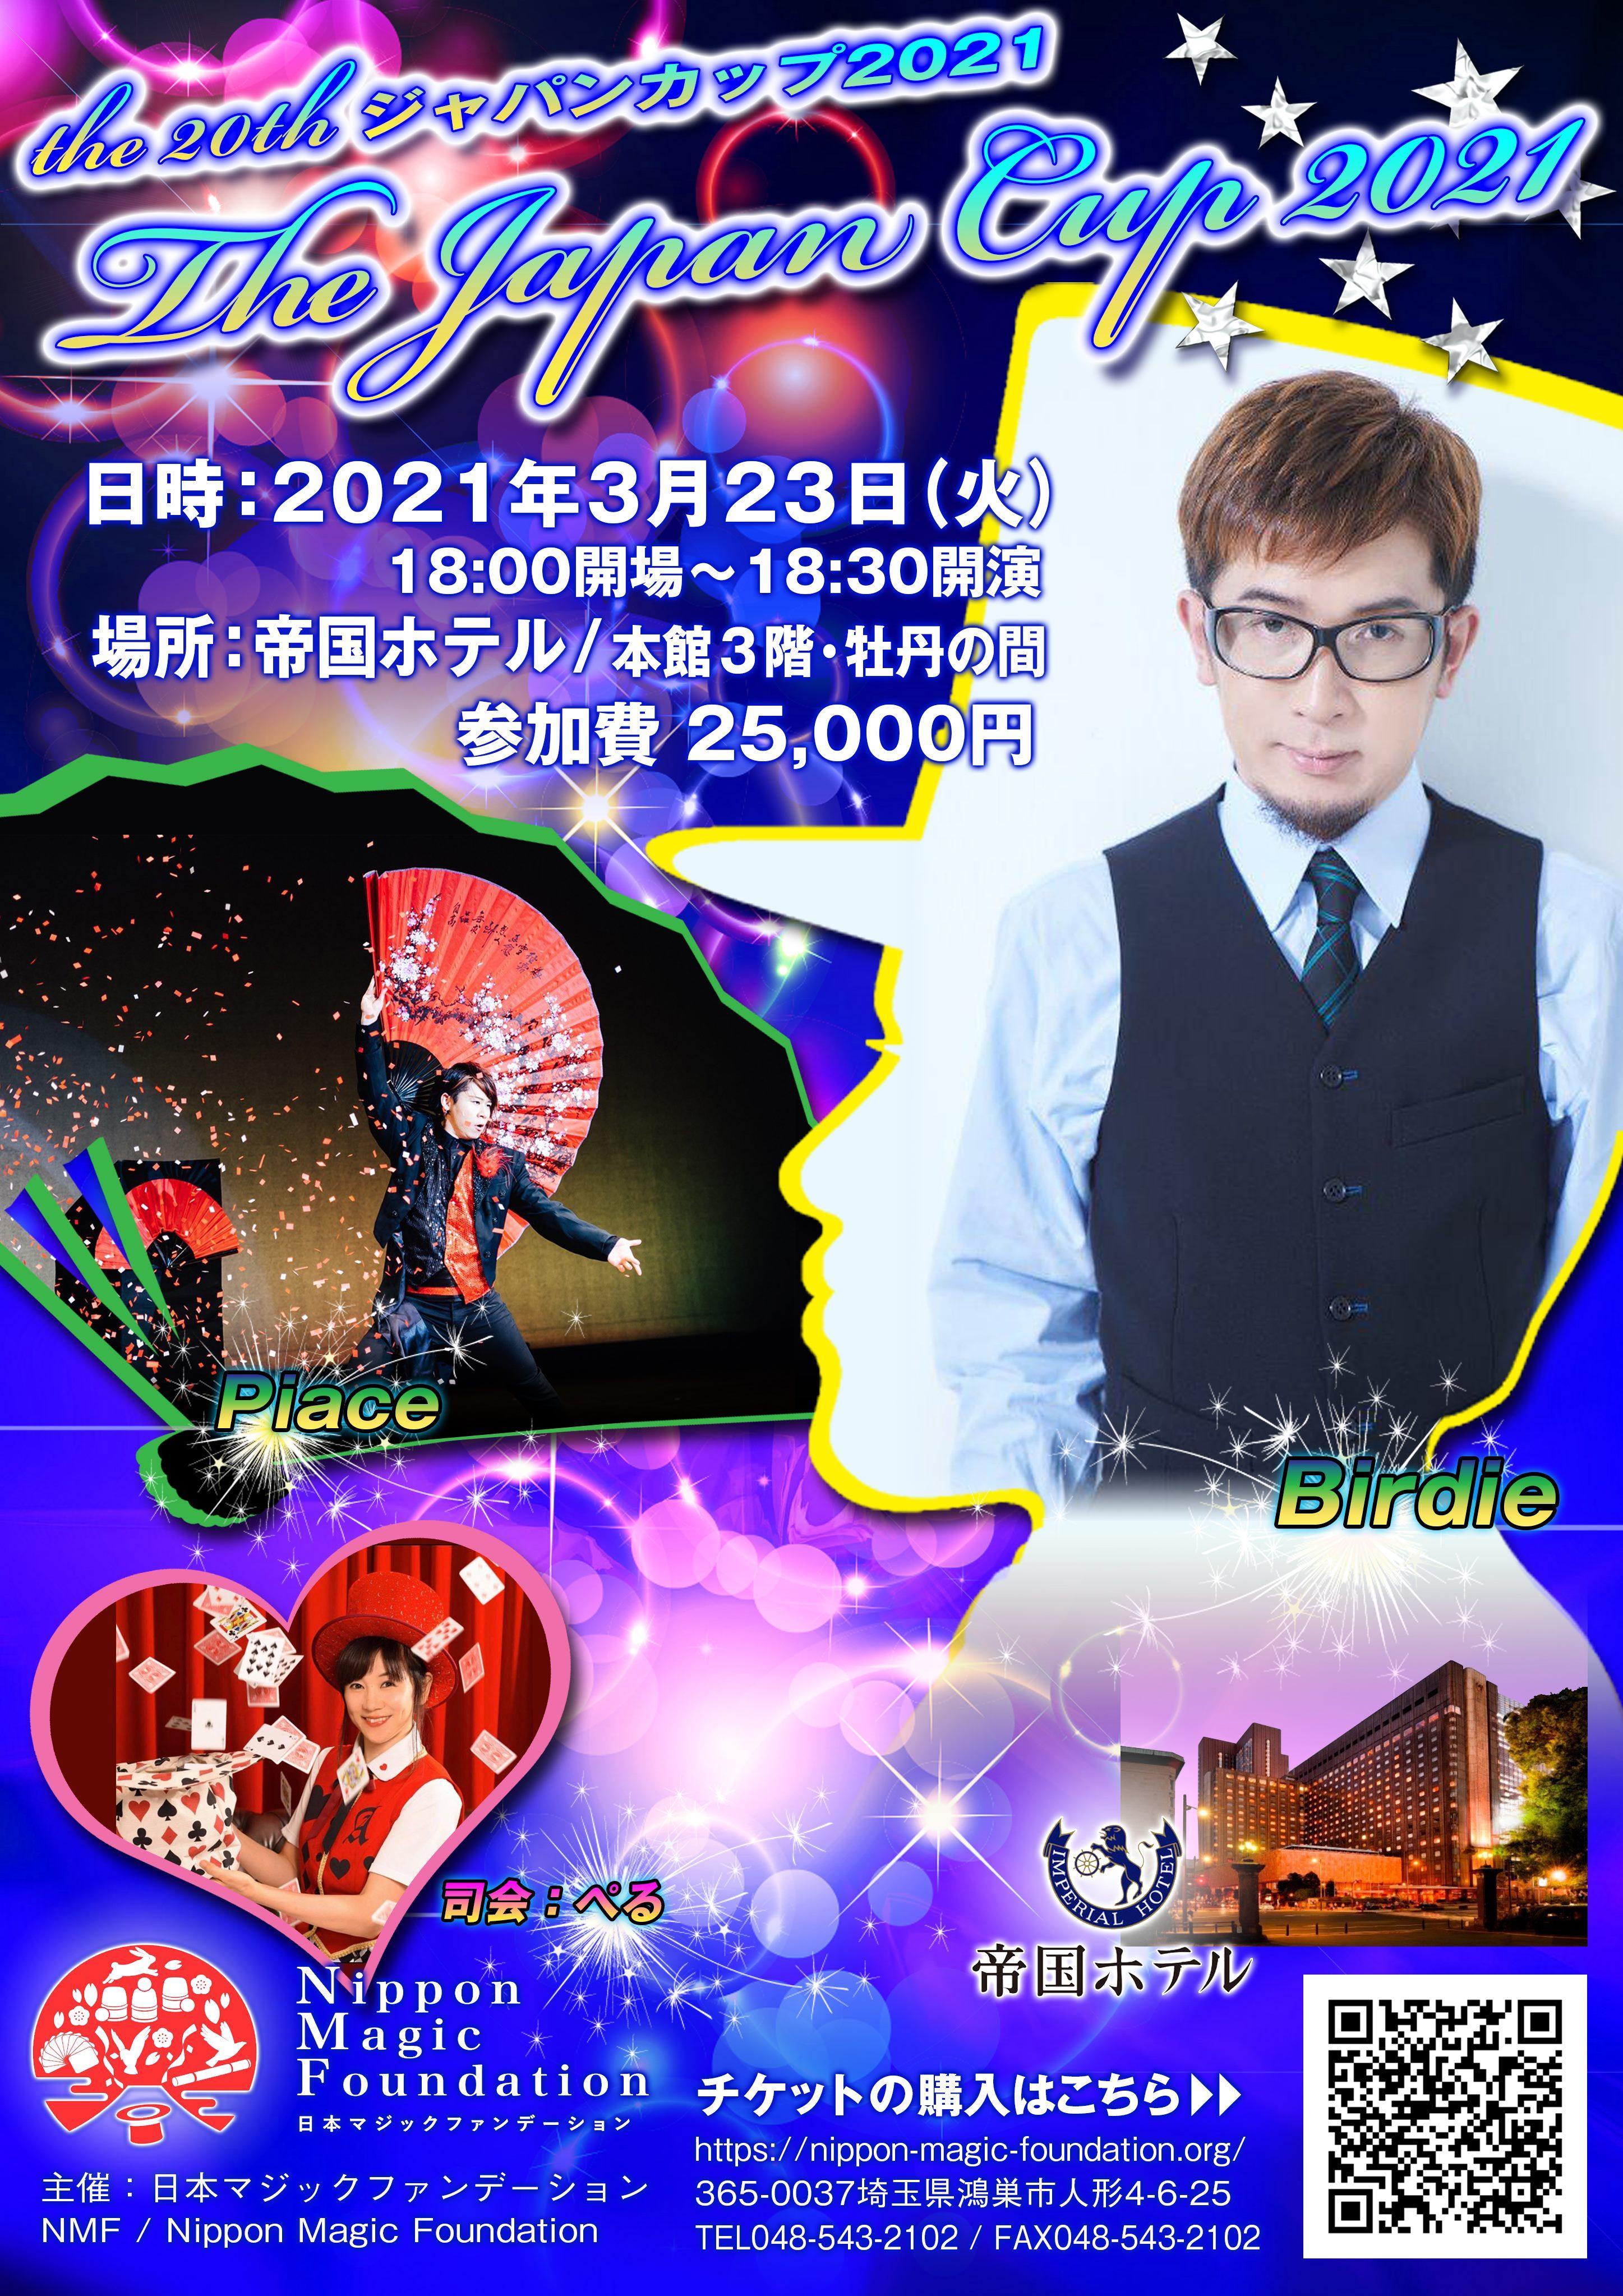 ジャパンカップ2021 3/23開催決定